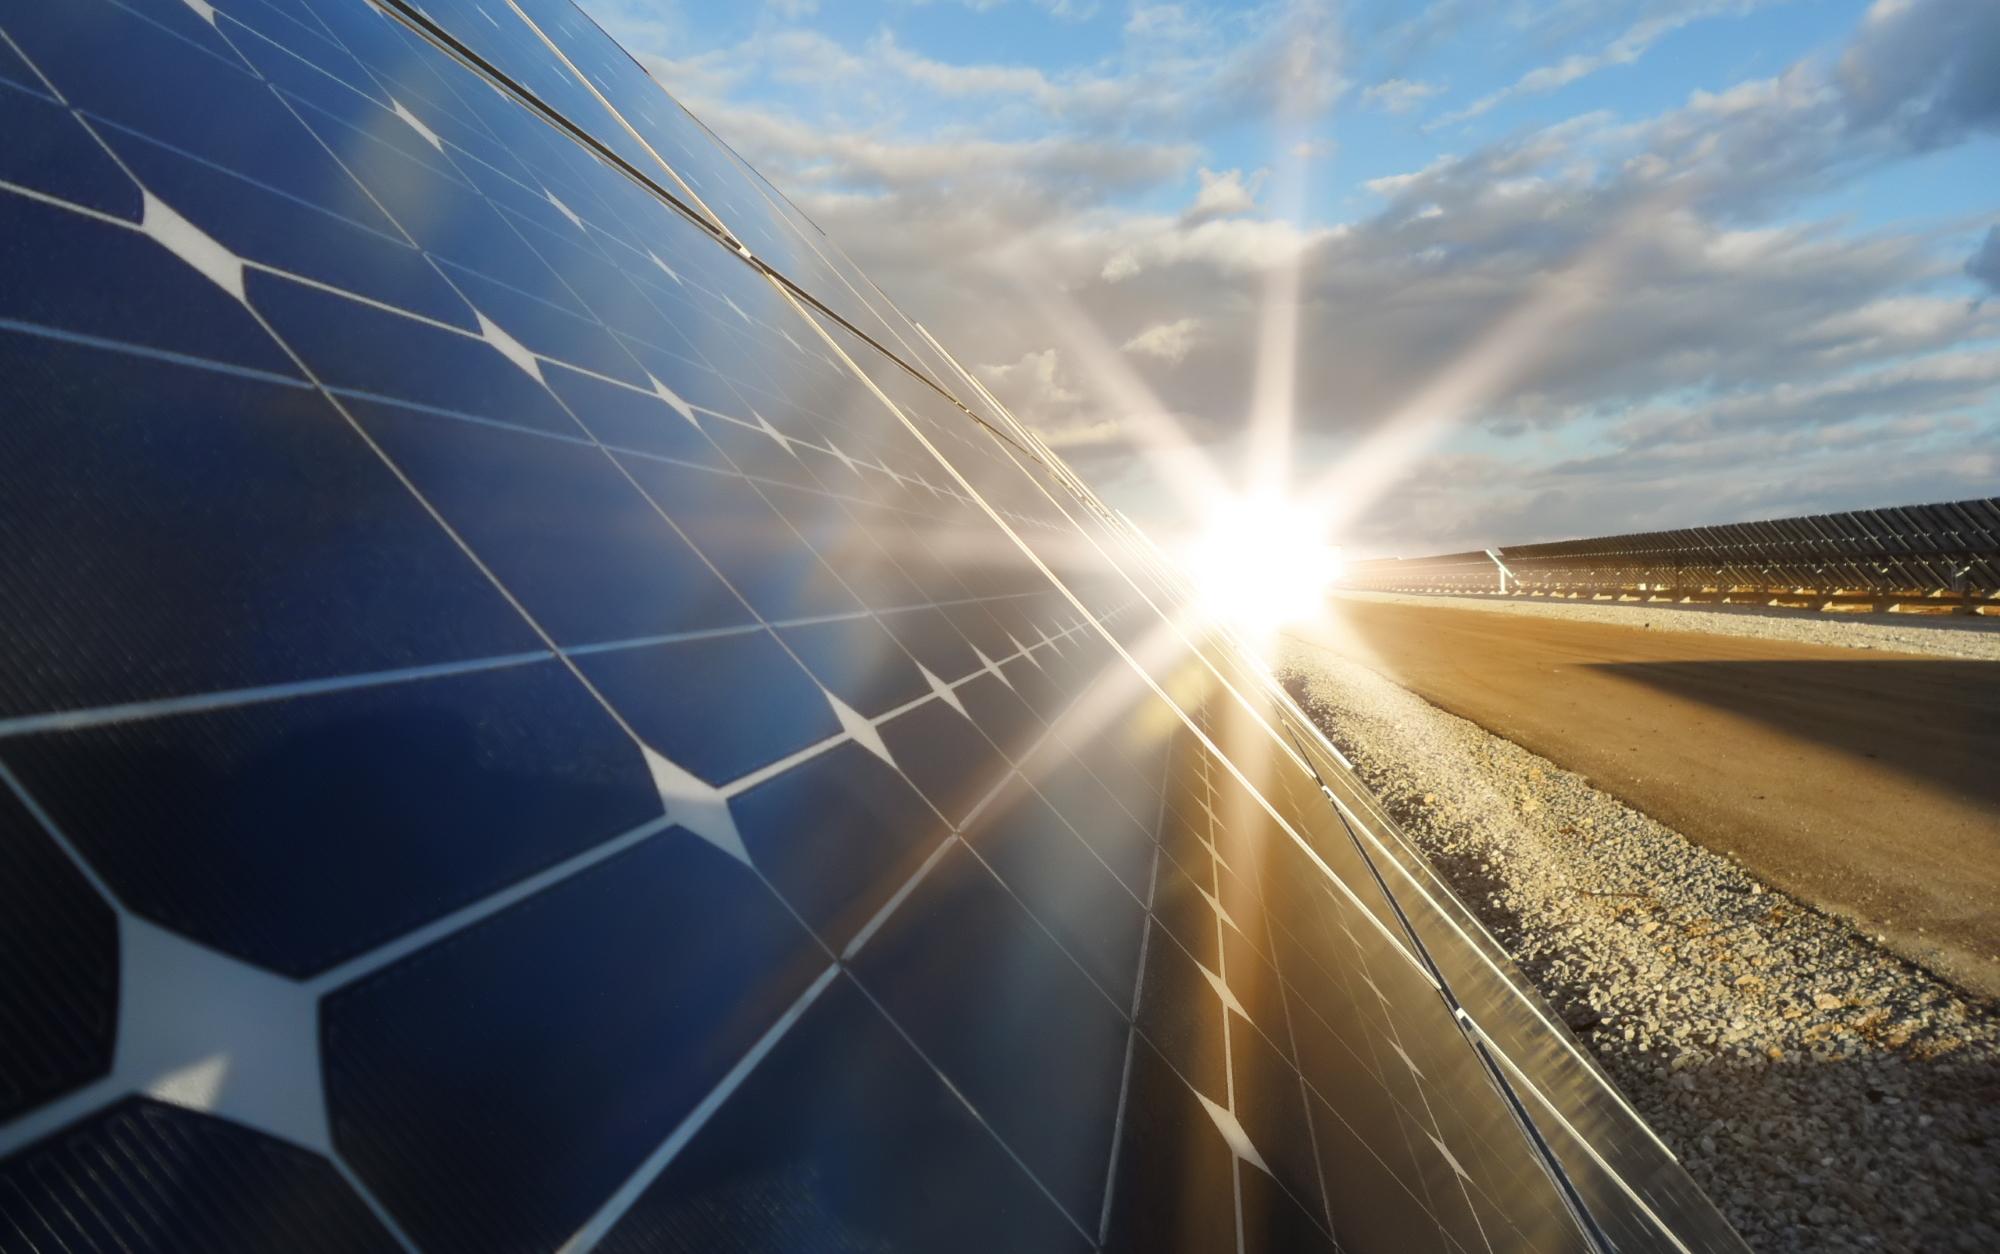 Oprócz energii wiatrowej Kazachstan inwestuje w rozbudowę zespołów paneli słonecznych. Fot. Shutterstock